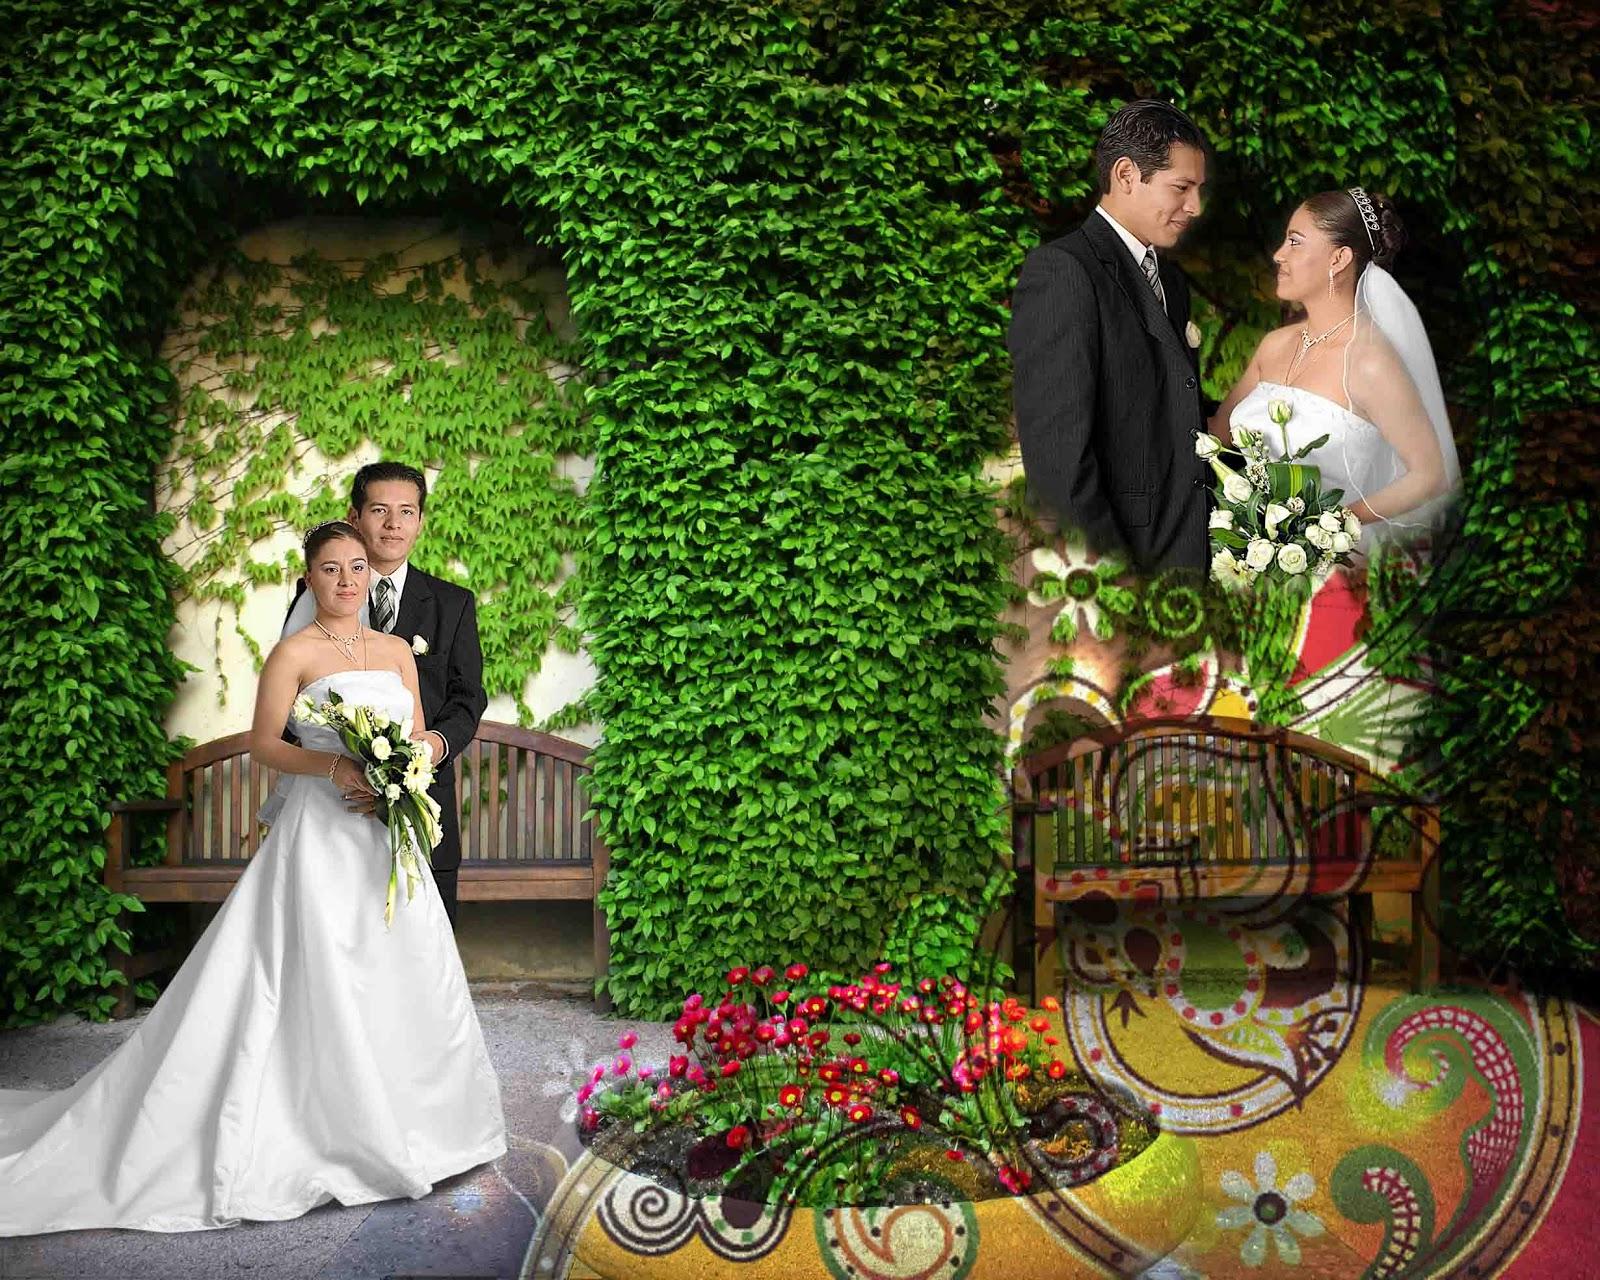 Fondos para boda psd - Imagui